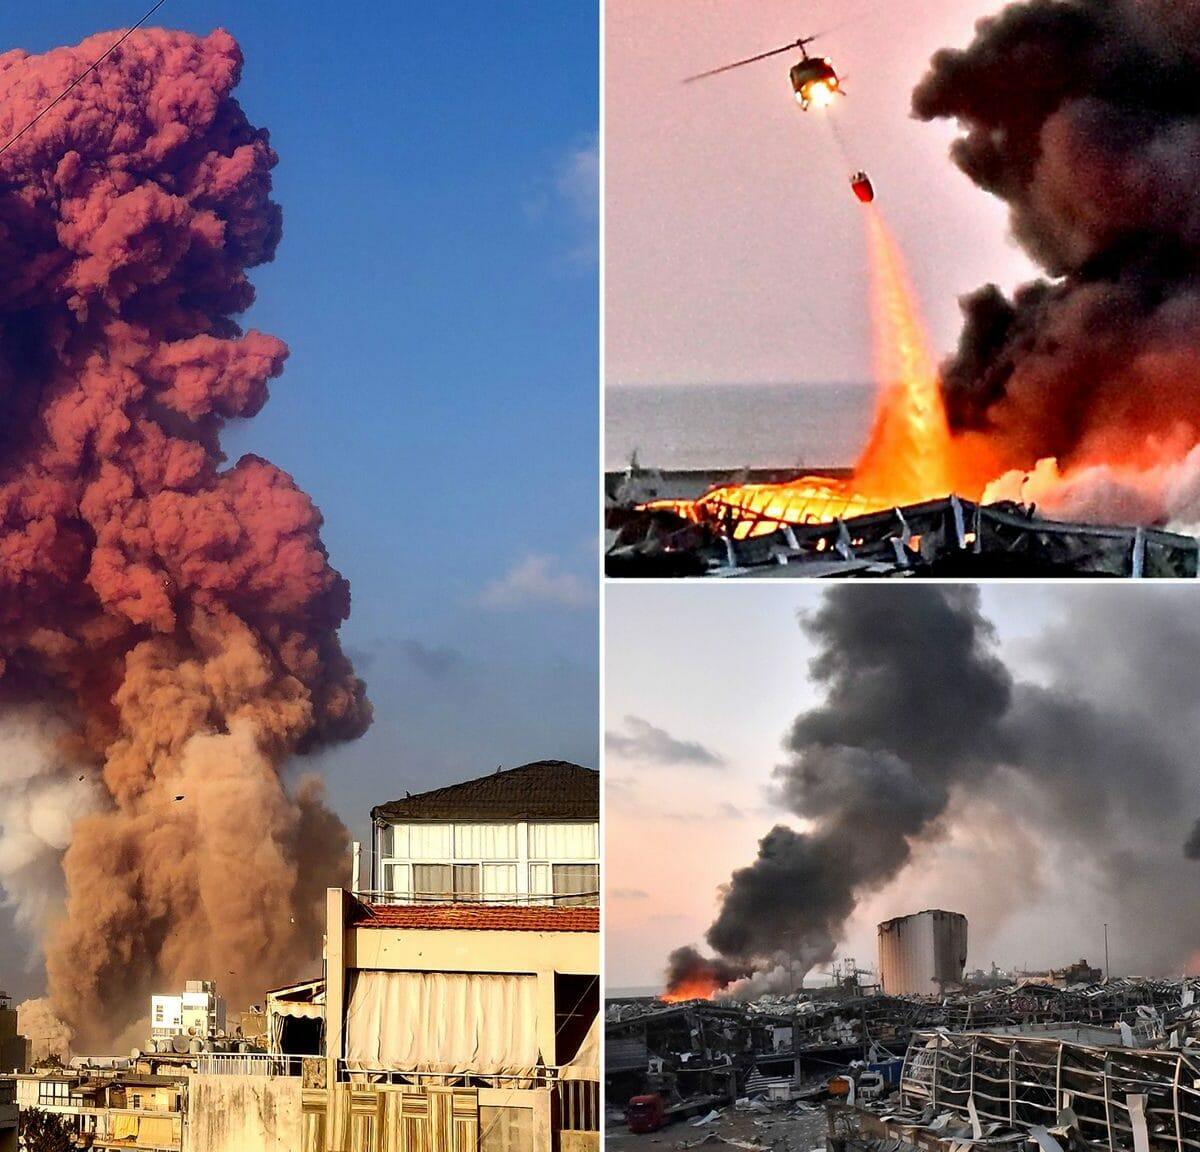 """حسان دياب يكشف عن """"مواد نووية خطرة للغاية"""" في مستودع لمنشآت النفط جنوب لبنان"""